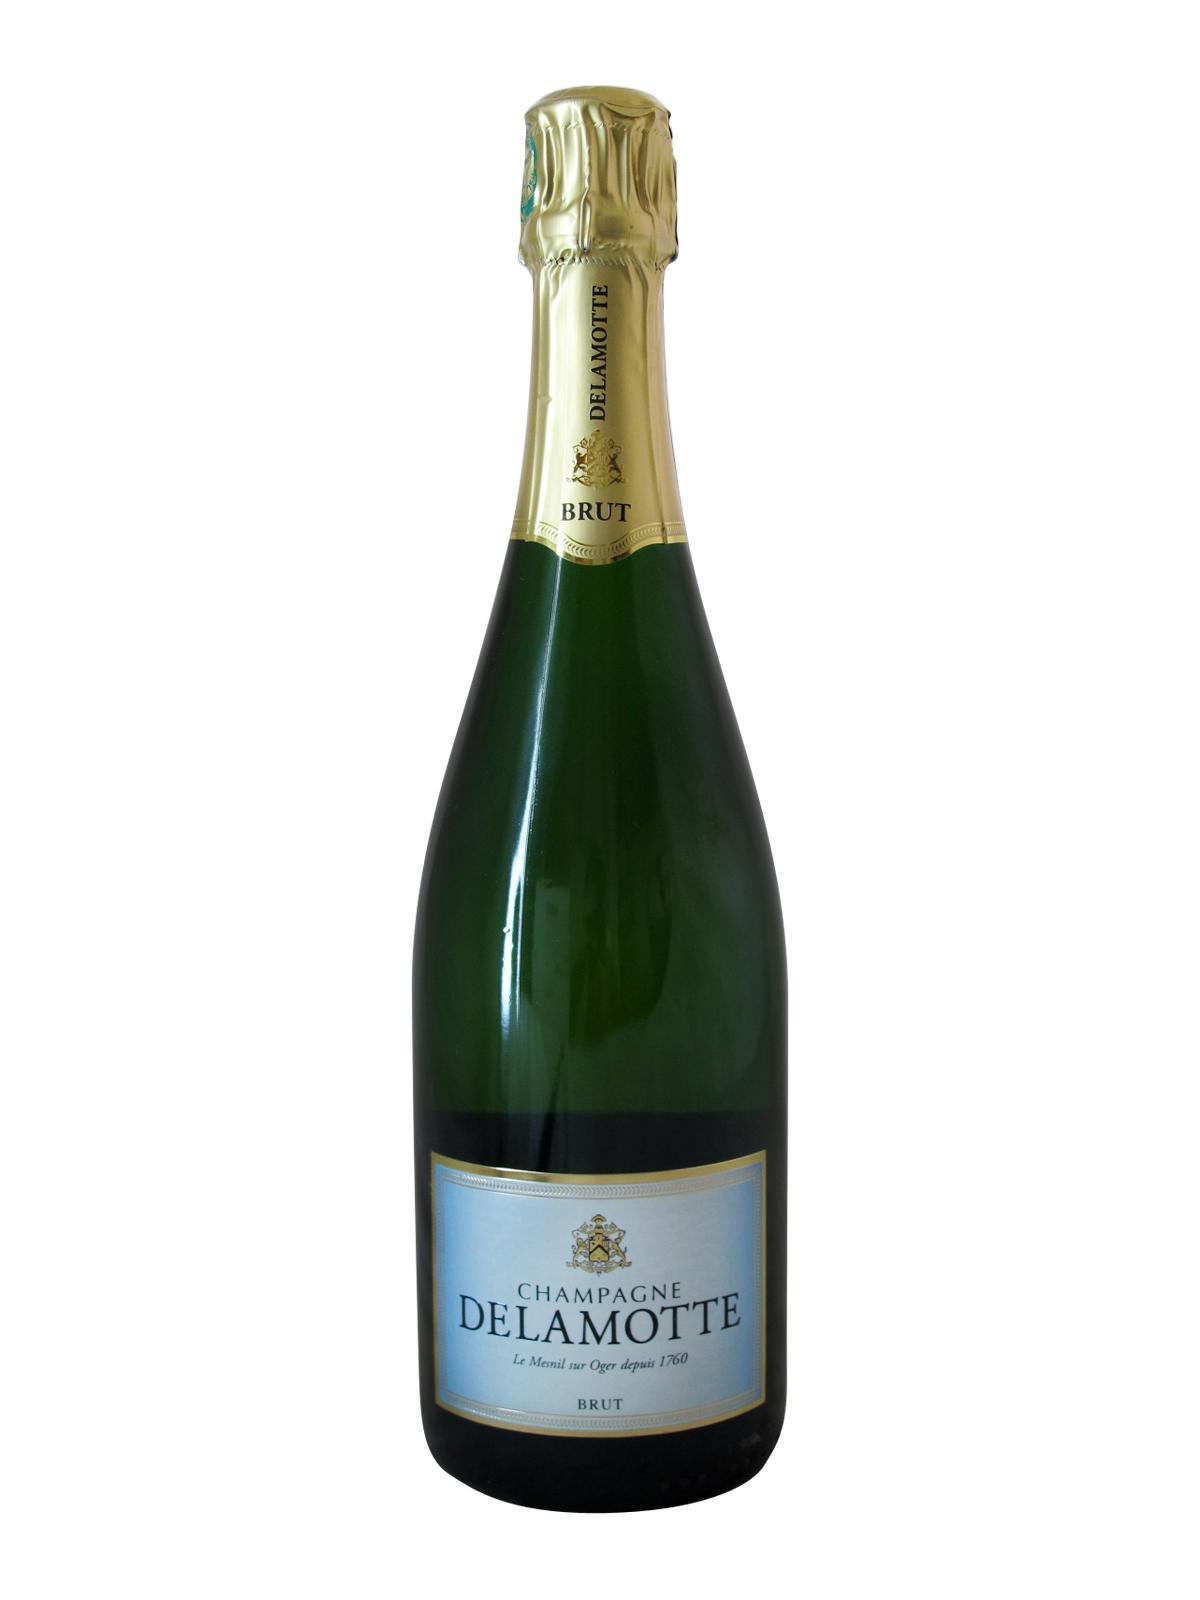 Delamotte for Champagne lamotte prix